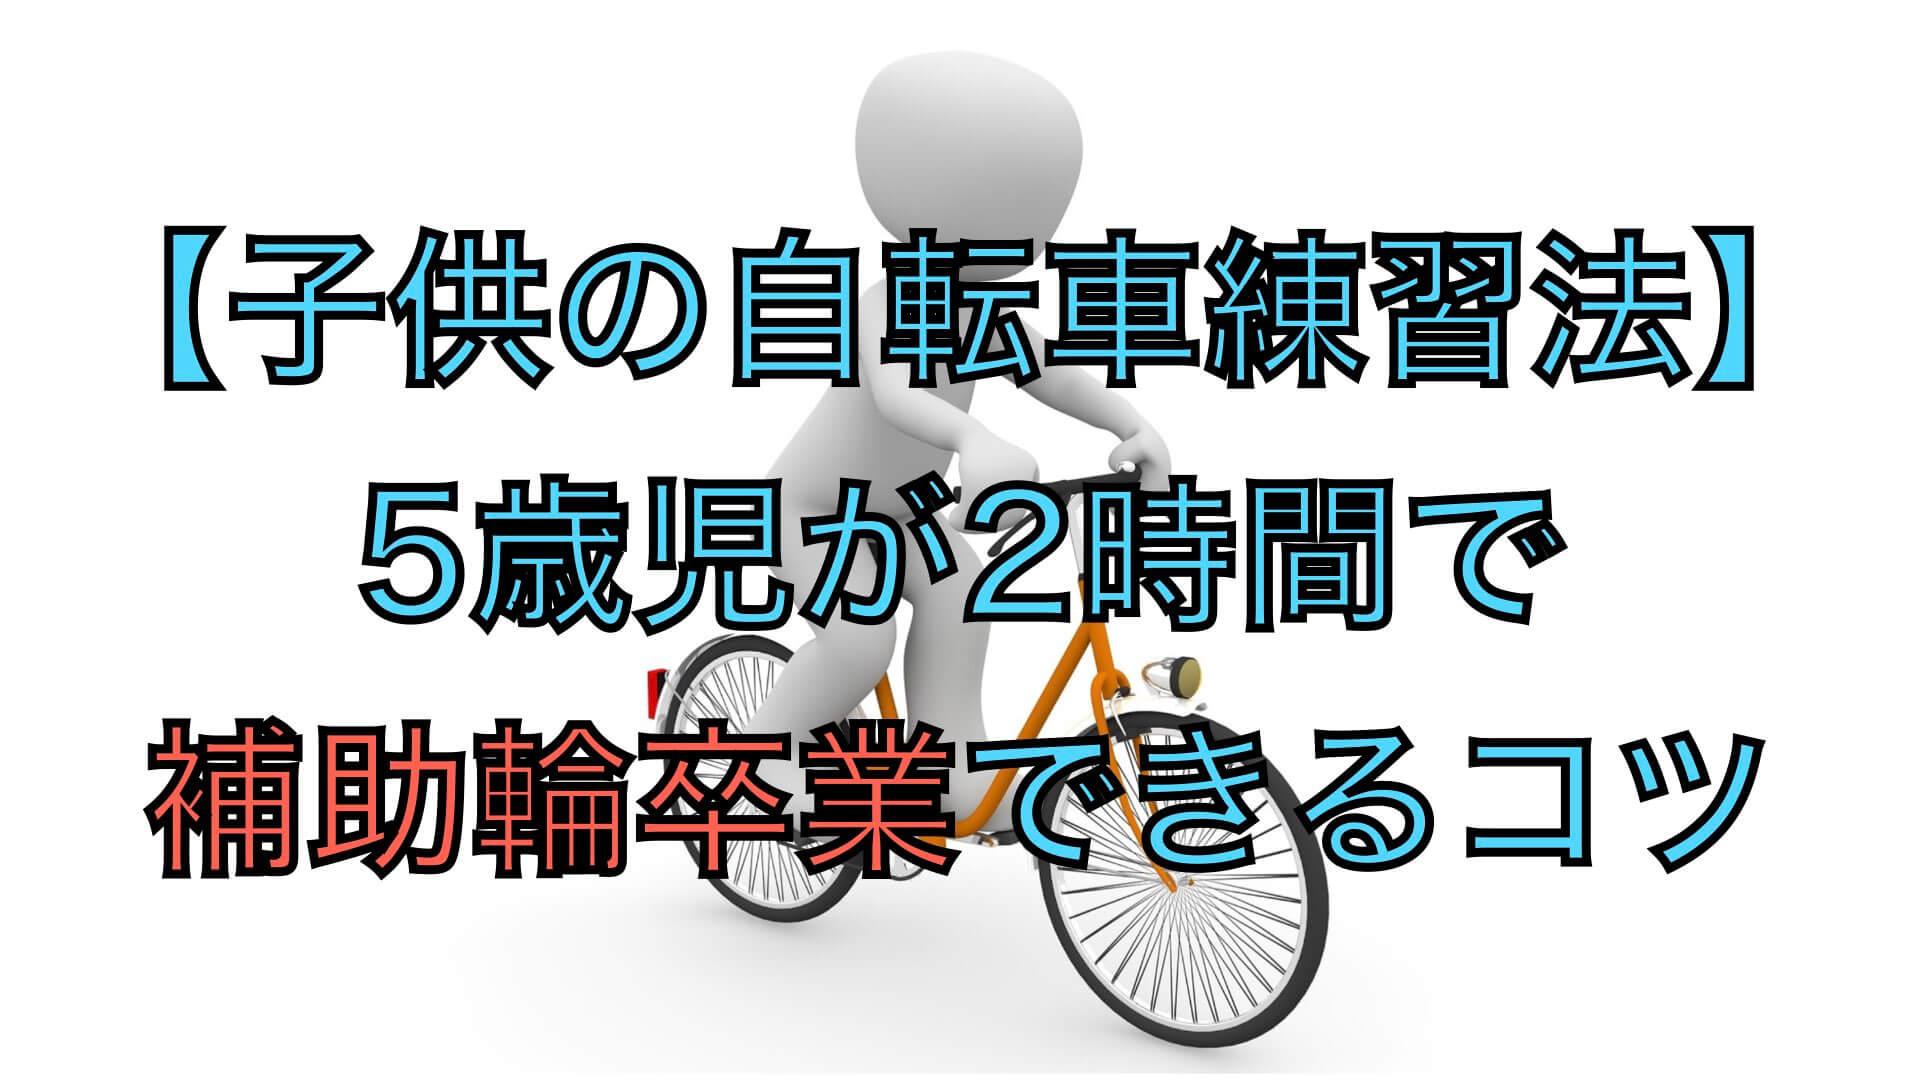 【子供の自転車練習法】 5歳が2時間で 補助輪卒業できるコツのサムネイル画像